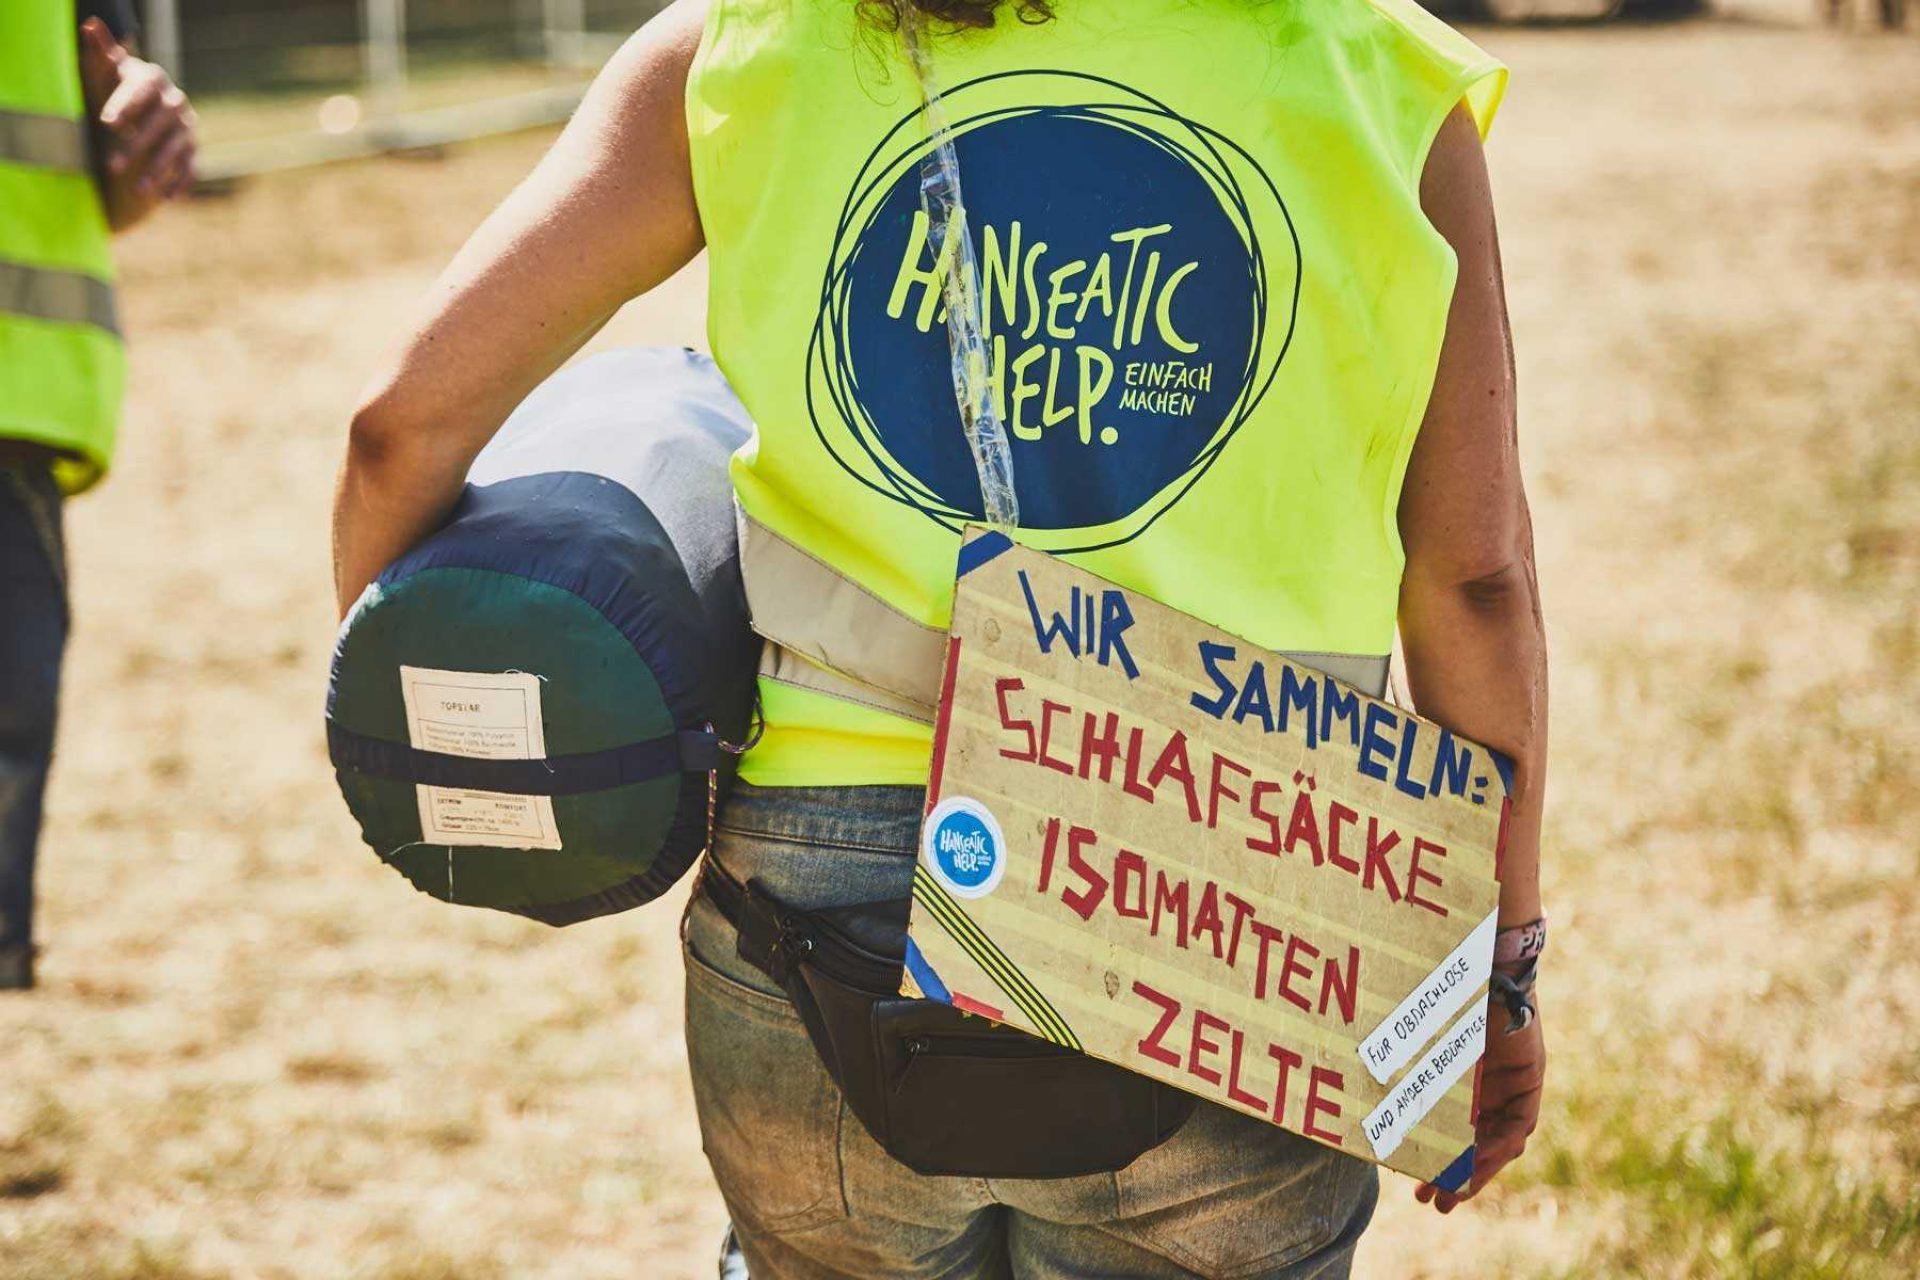 Hanseatic help auf dem Deichbrand Festival